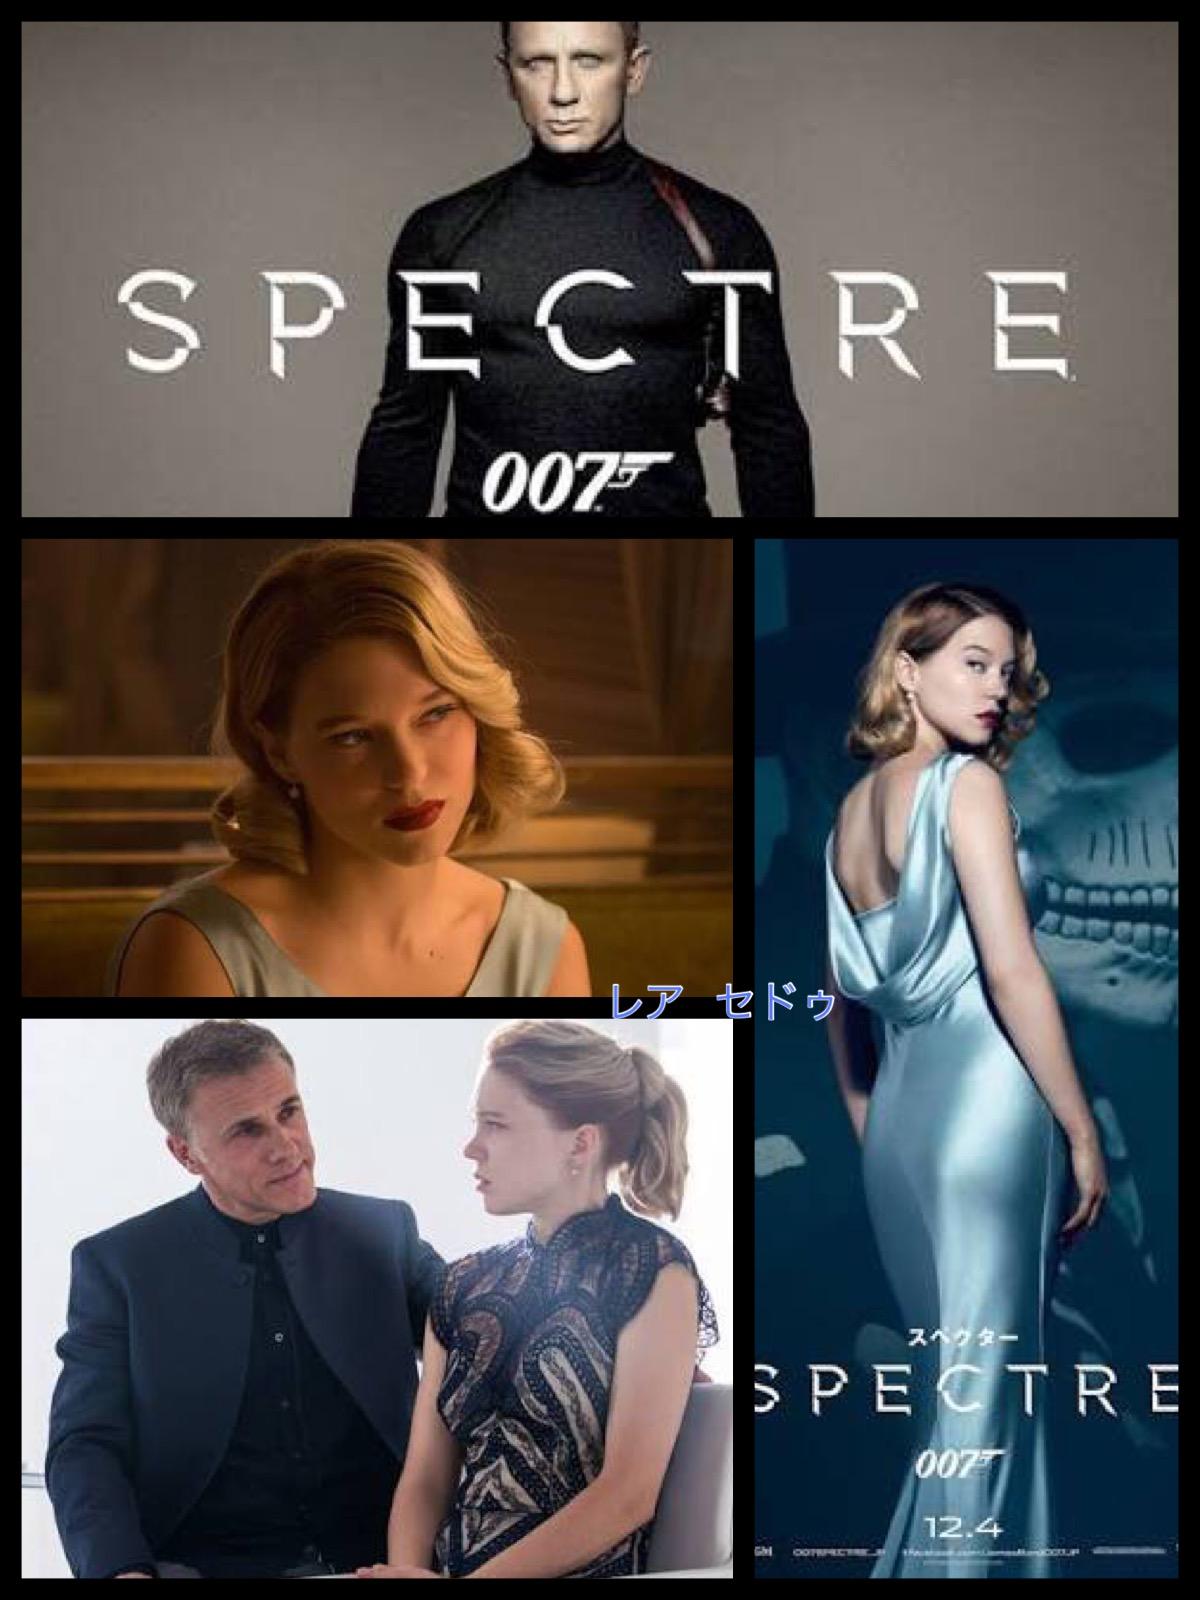 007スペクター レア・セドゥ